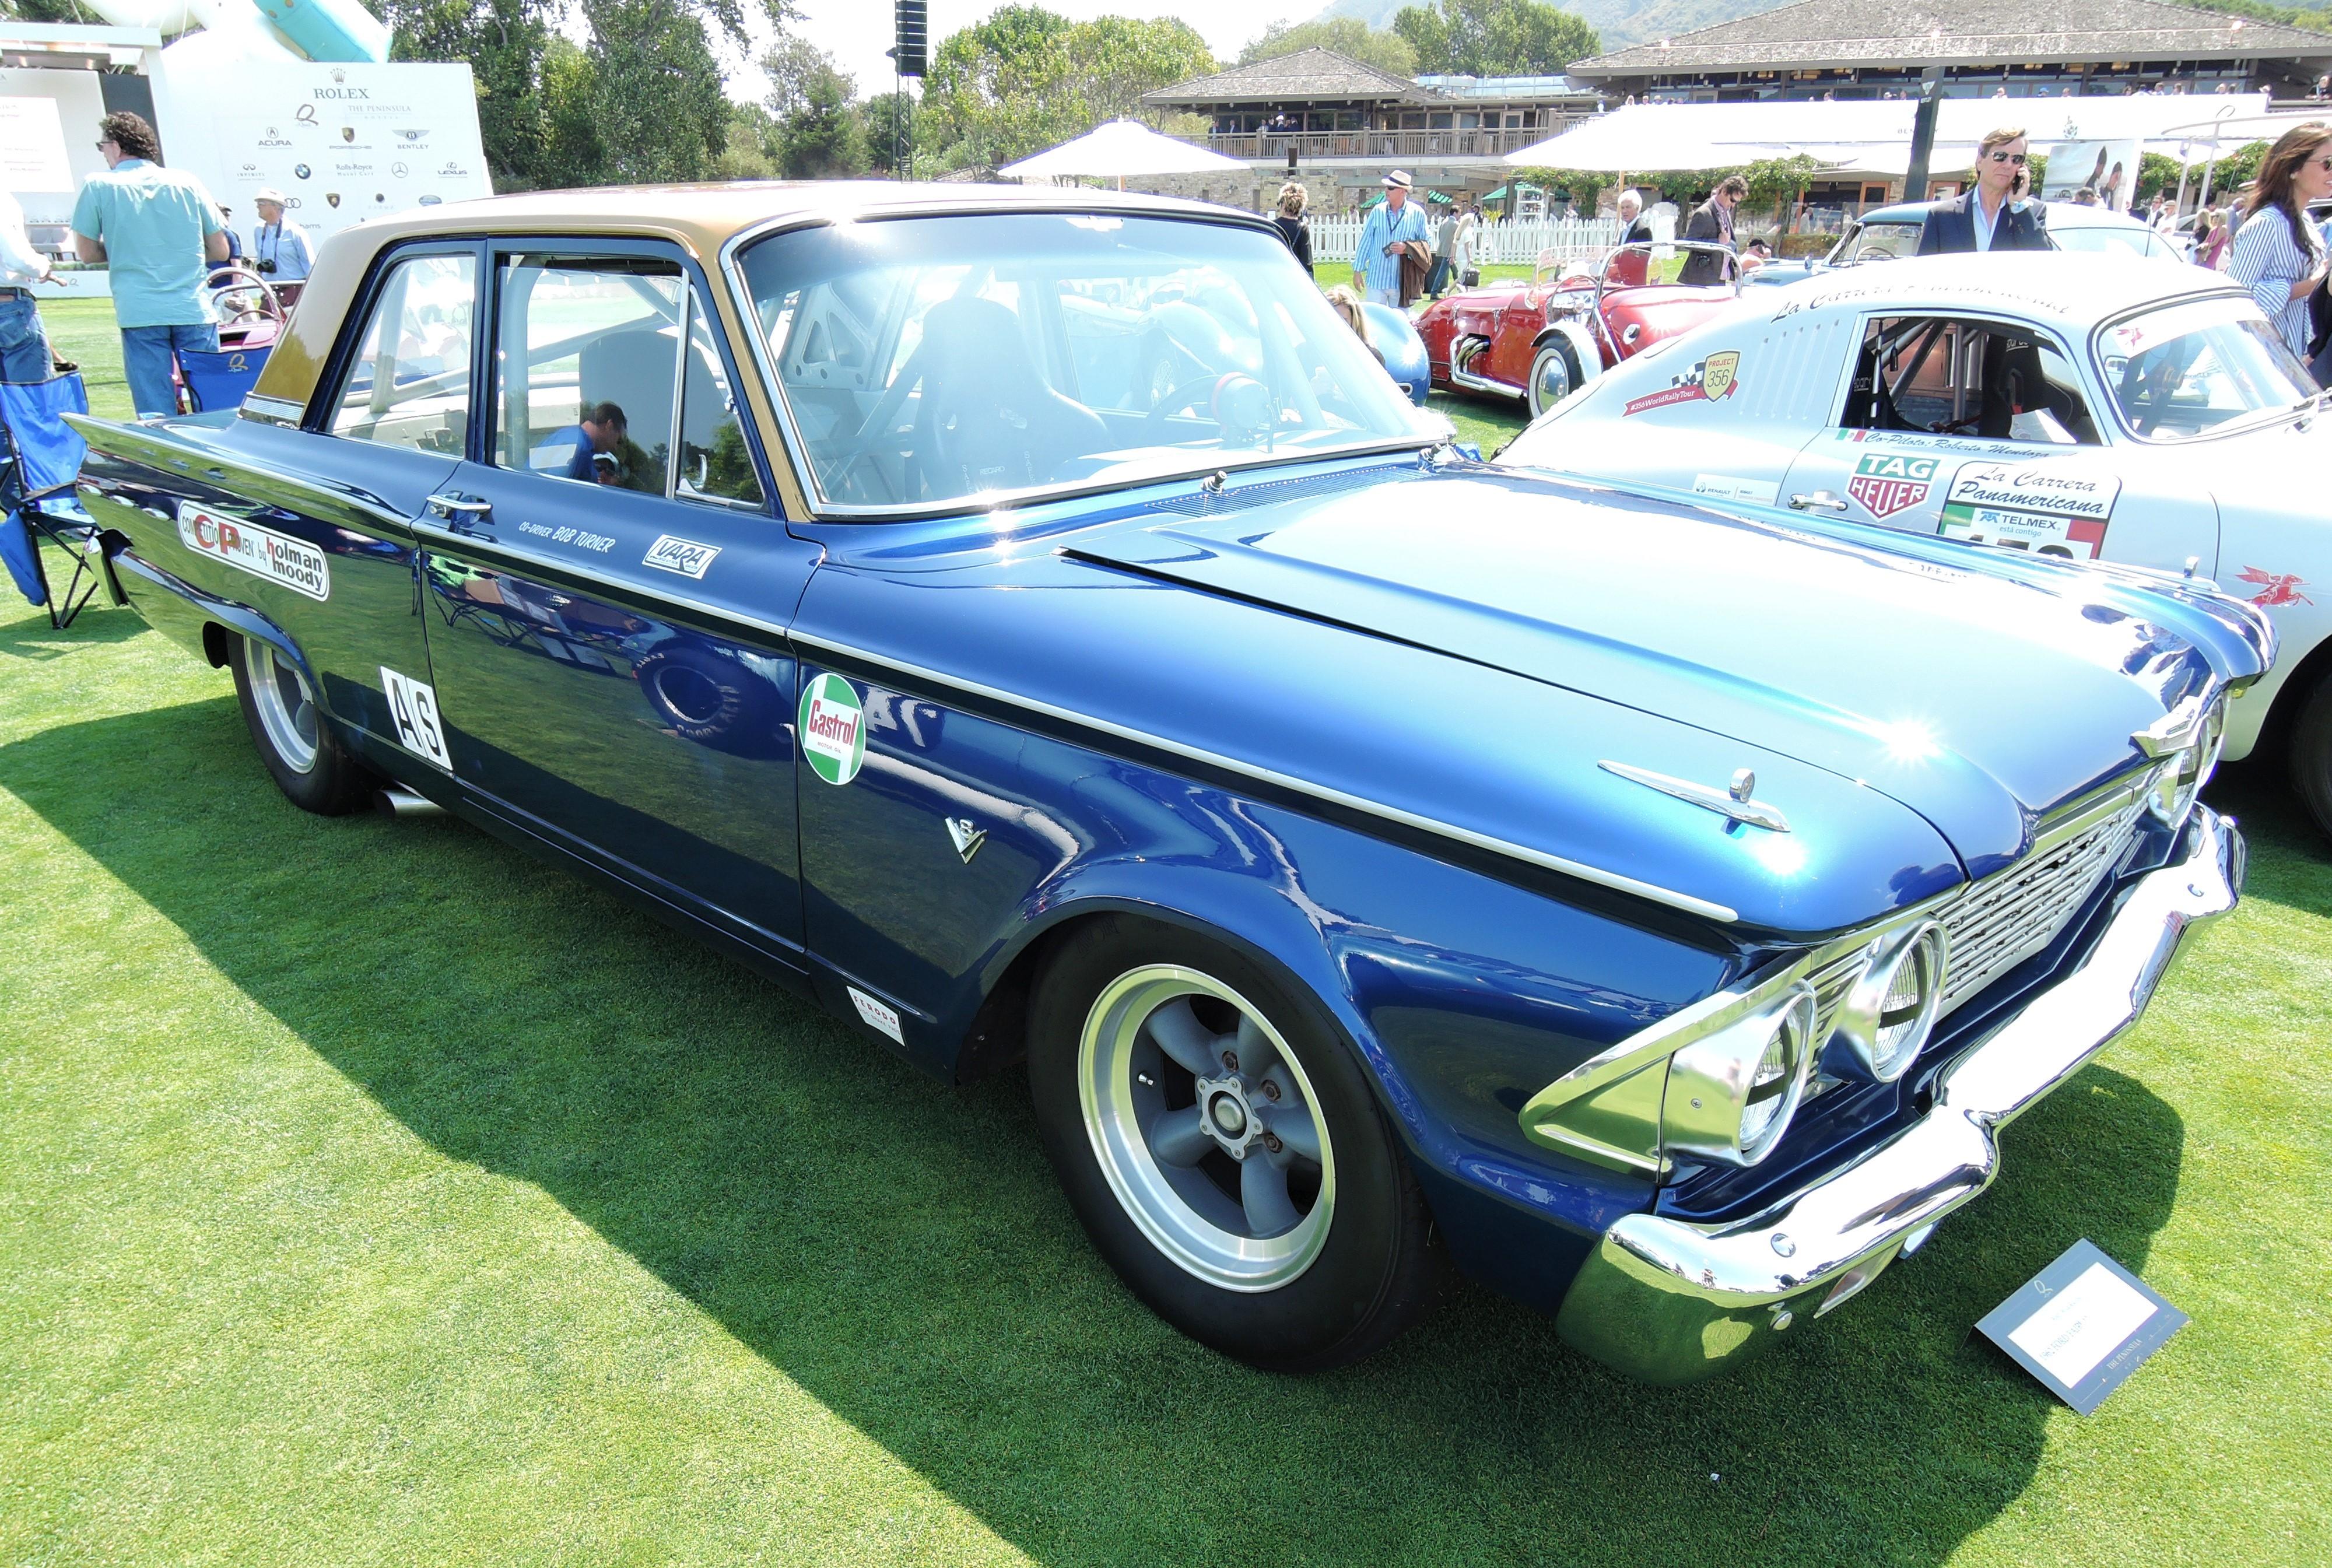 blue 1962 Ford Fairlane 500 A Sedan Race Car - The Quail 2017